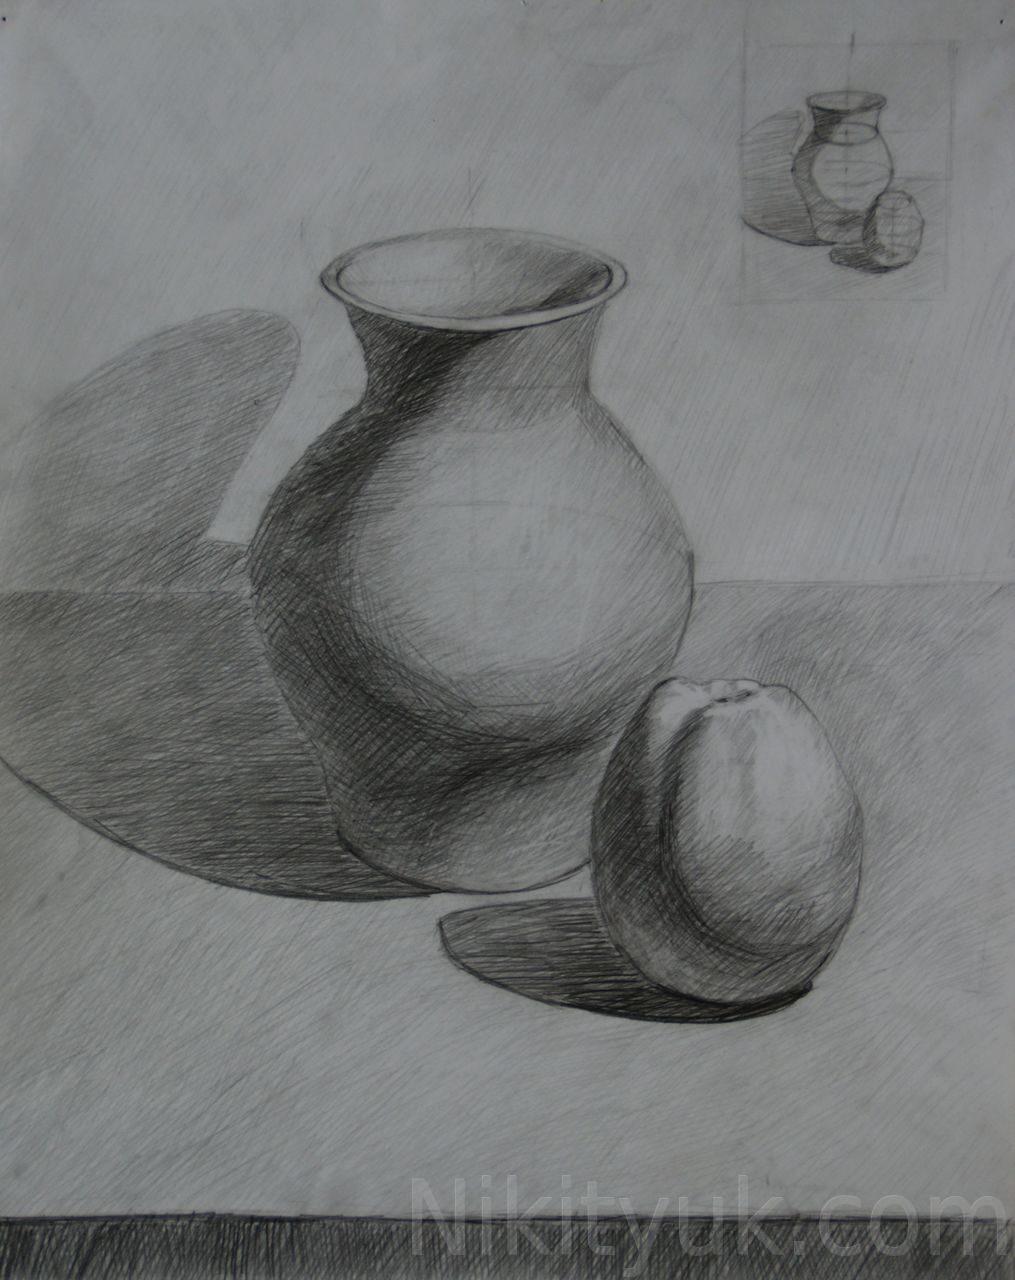 Анастасия Весгейм 37 лет, первый год обучения. Учебный рисунок, бум., карандаш, 60х40см